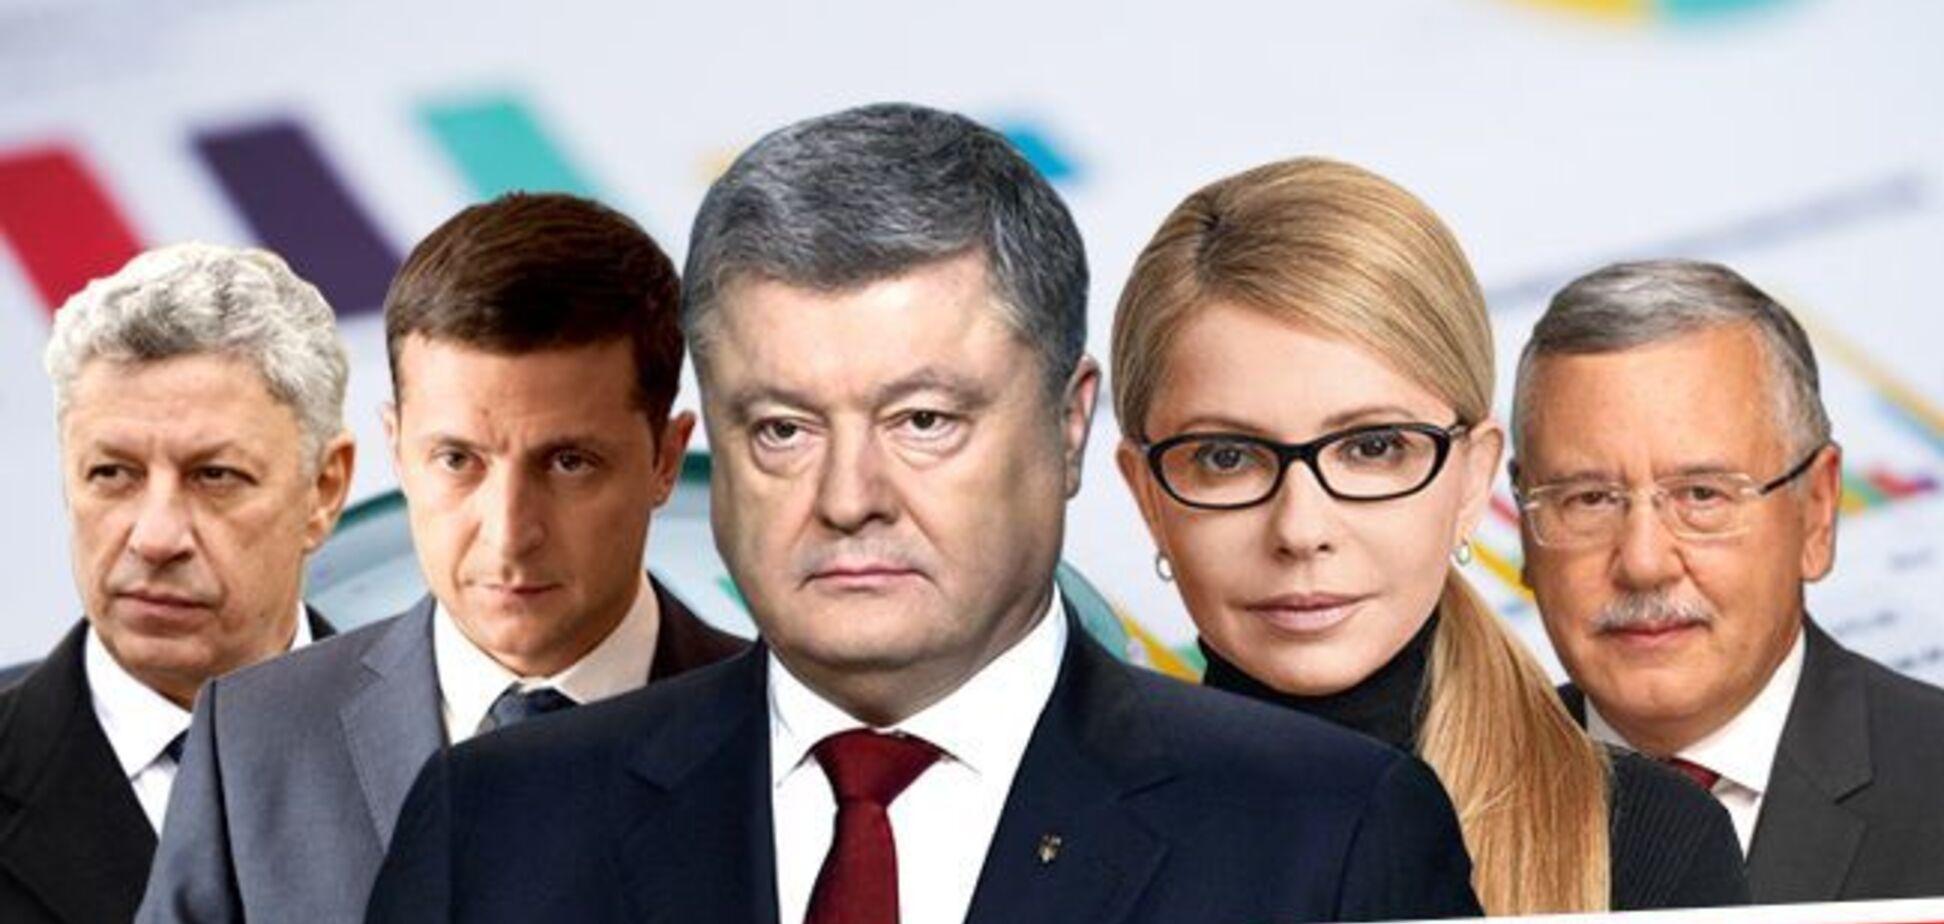 Хорошего вам президента, дорогие украинцы!